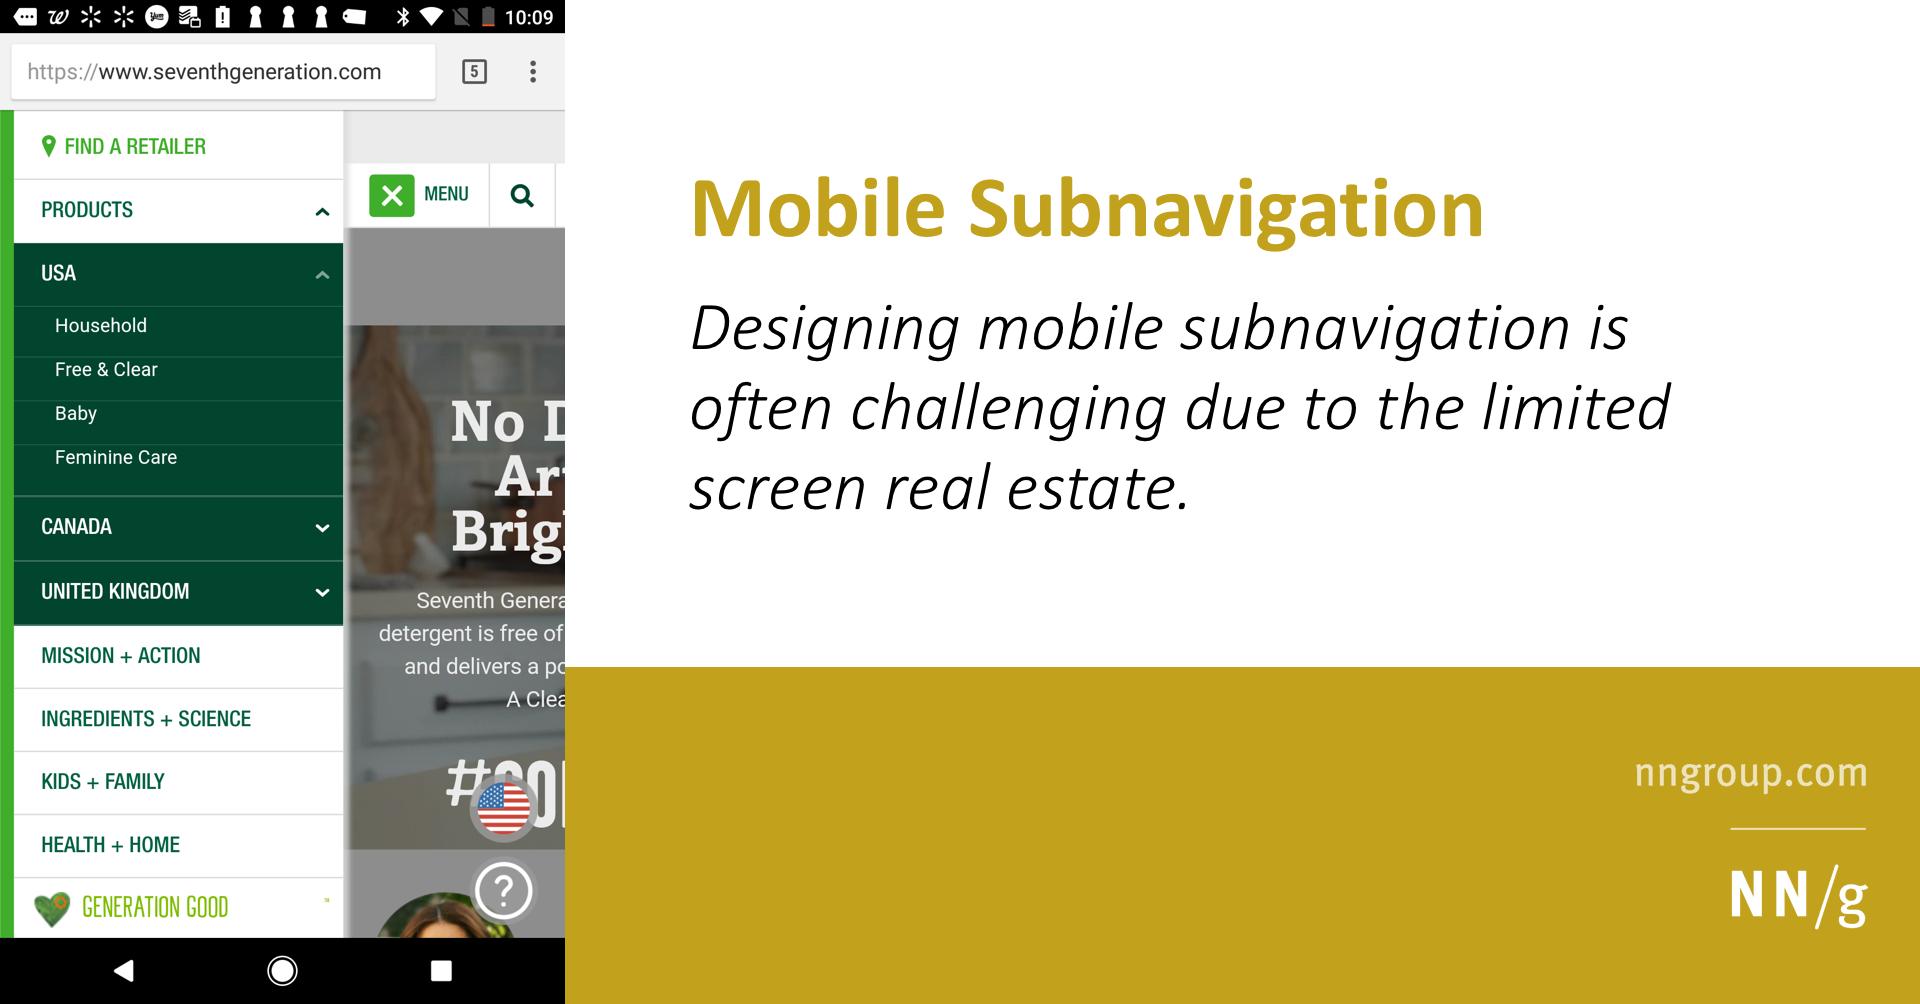 Mobile Subnavigation